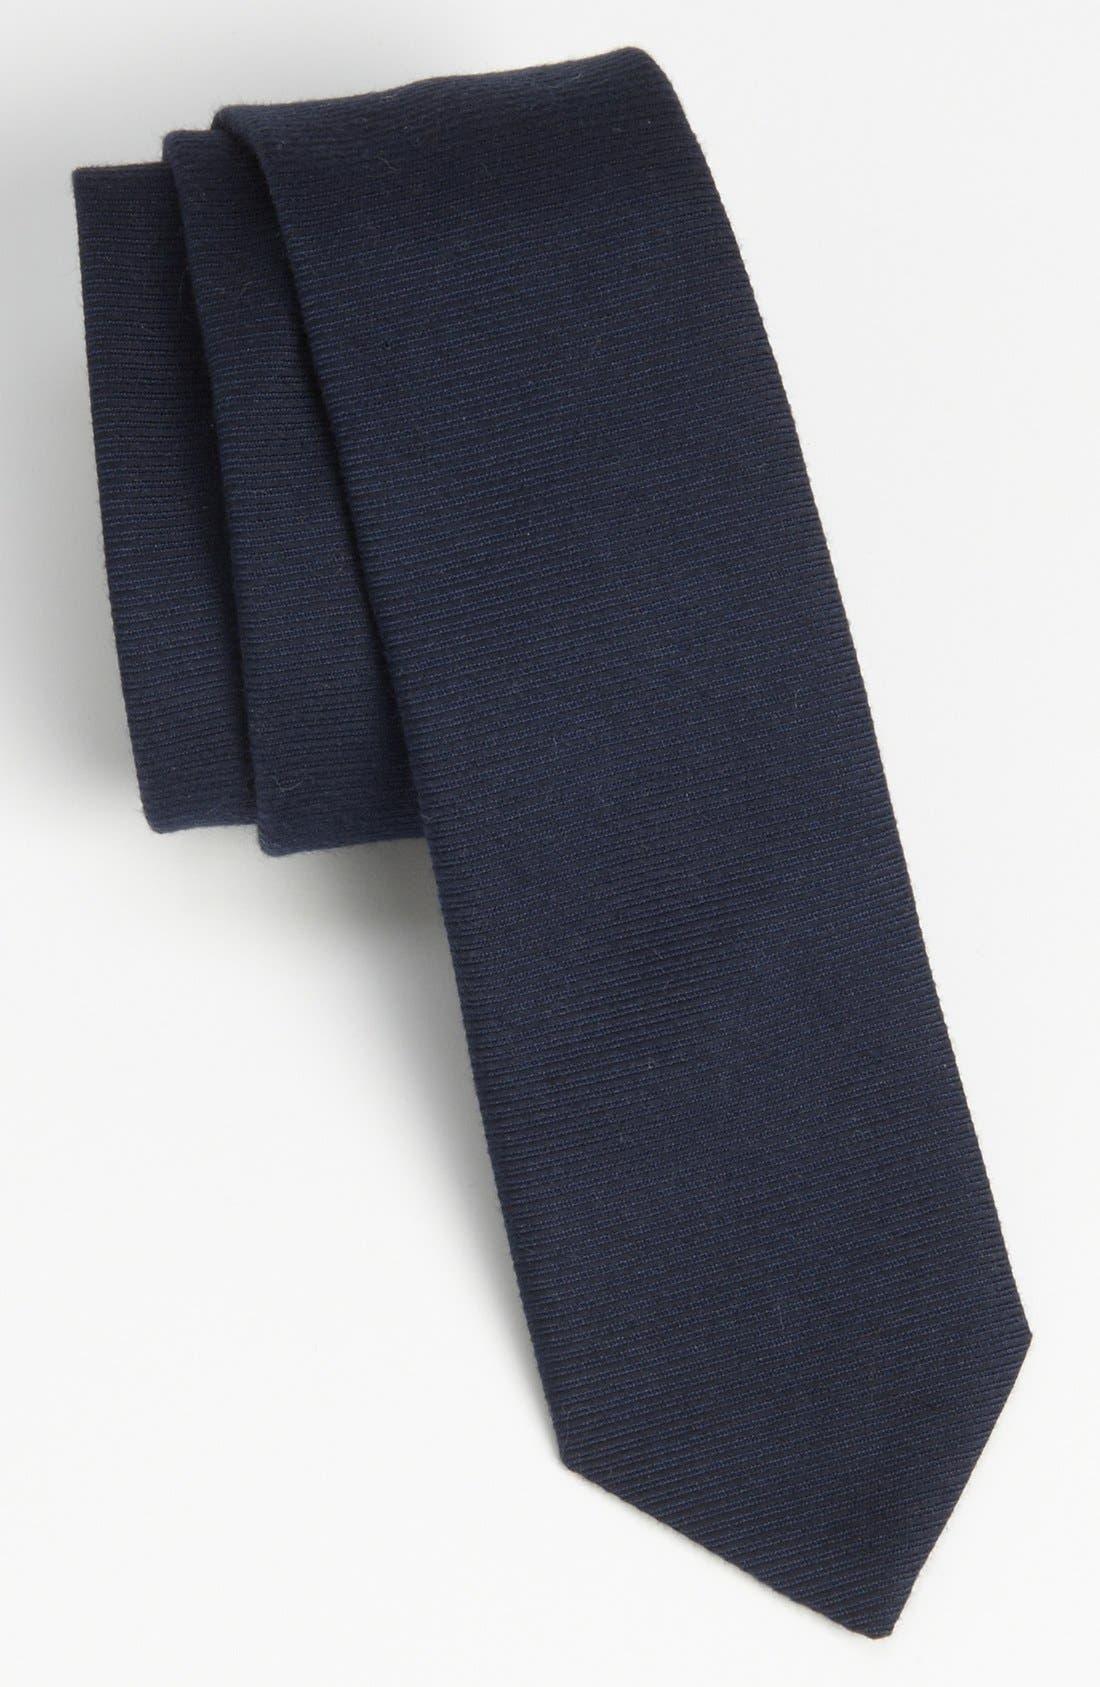 Alternate Image 1 Selected - BOSS HUGO BOSS Woven Tie